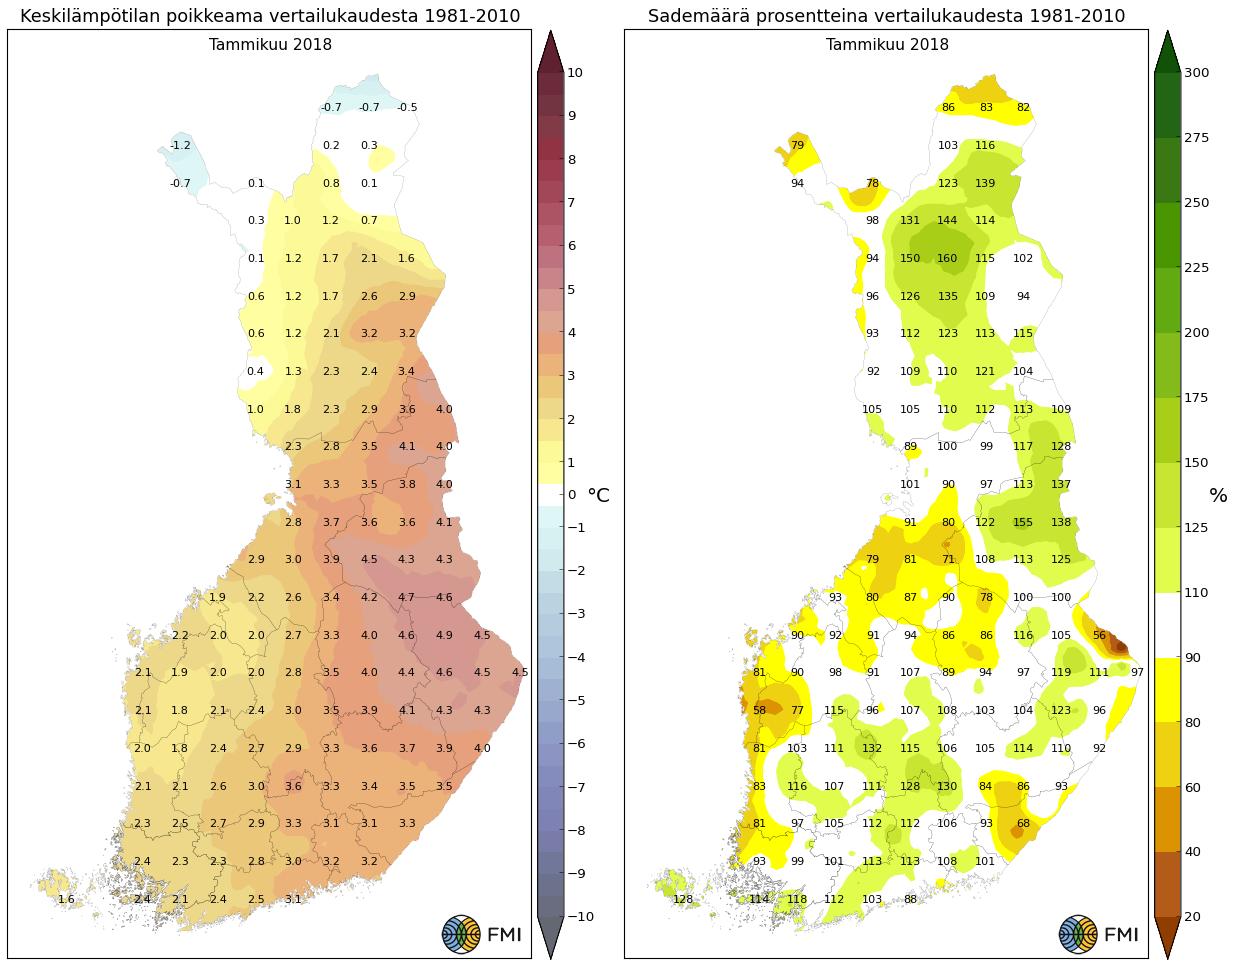 joulu 2018 lämpötila Tammikuun 2018 kuukausikatsaus | joulu 2018 lämpötila